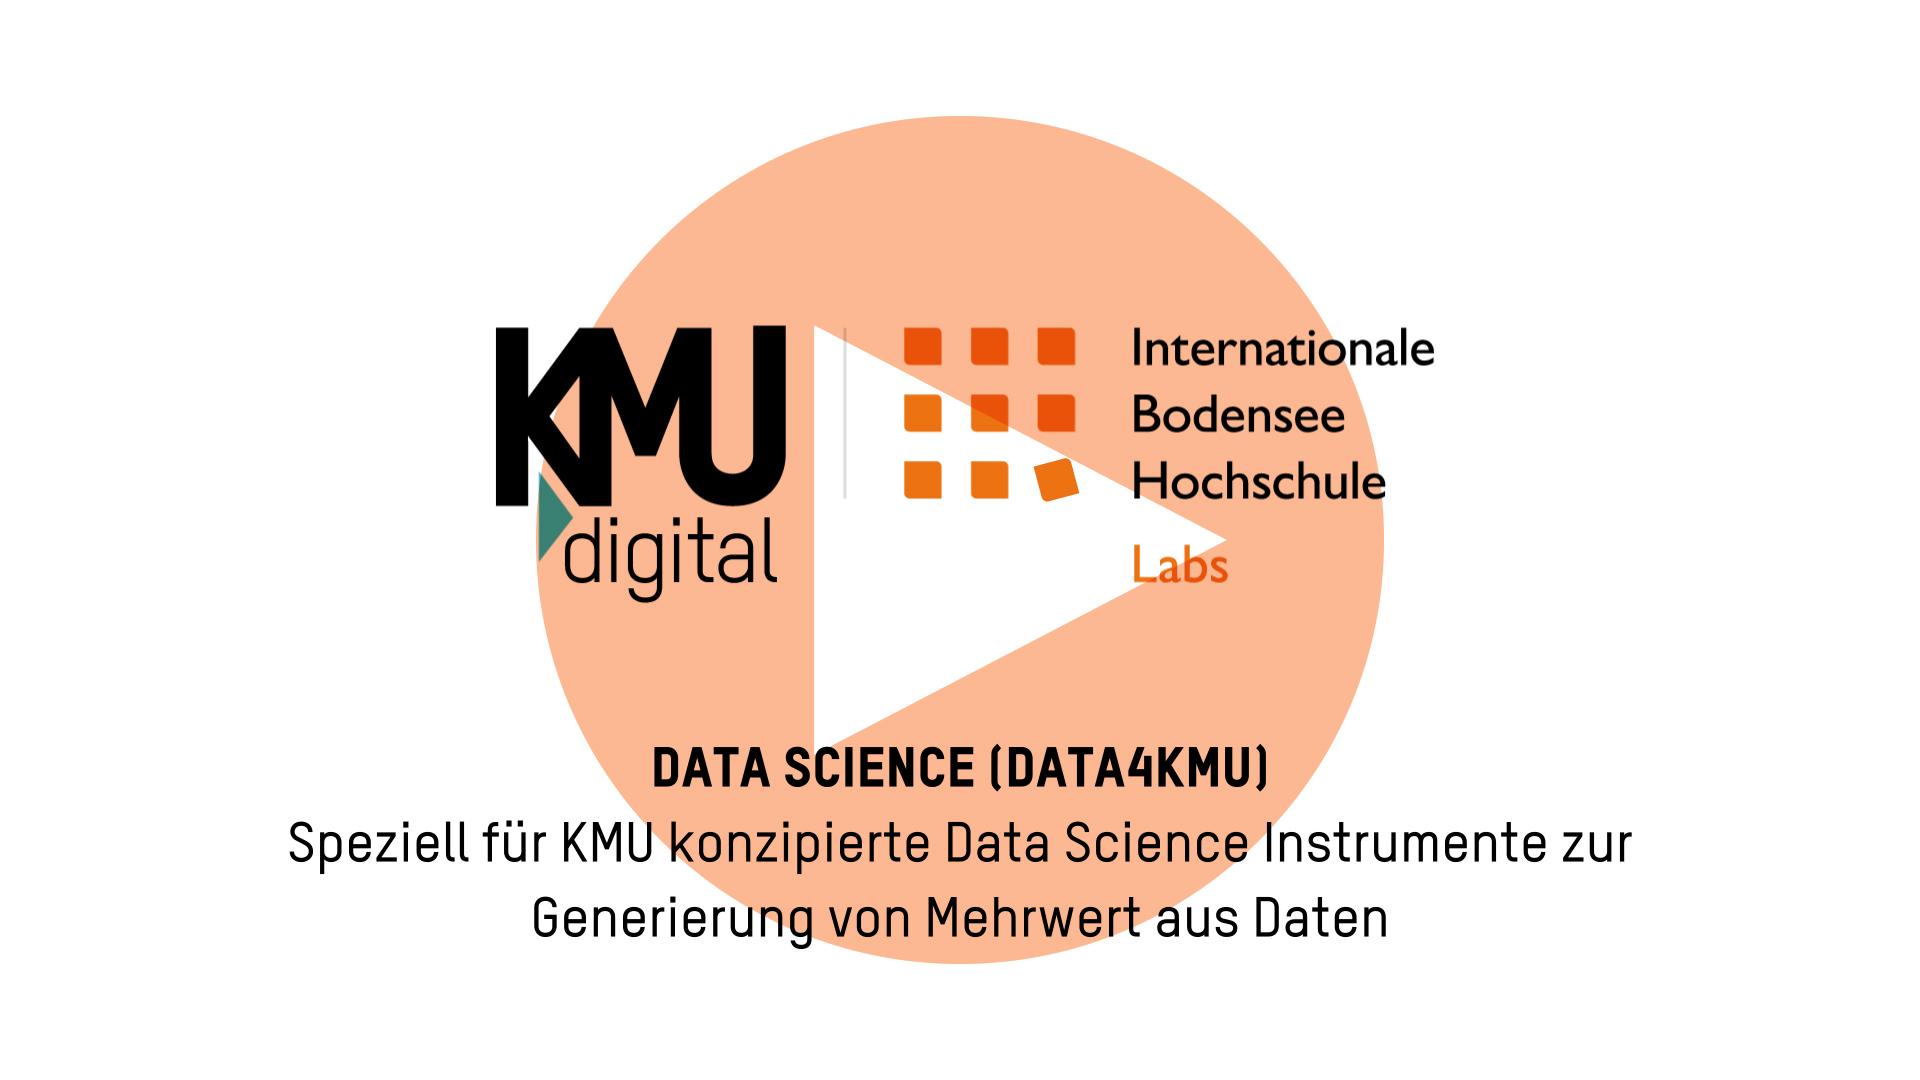 IBH-Lab KMUdigital Data4KMU